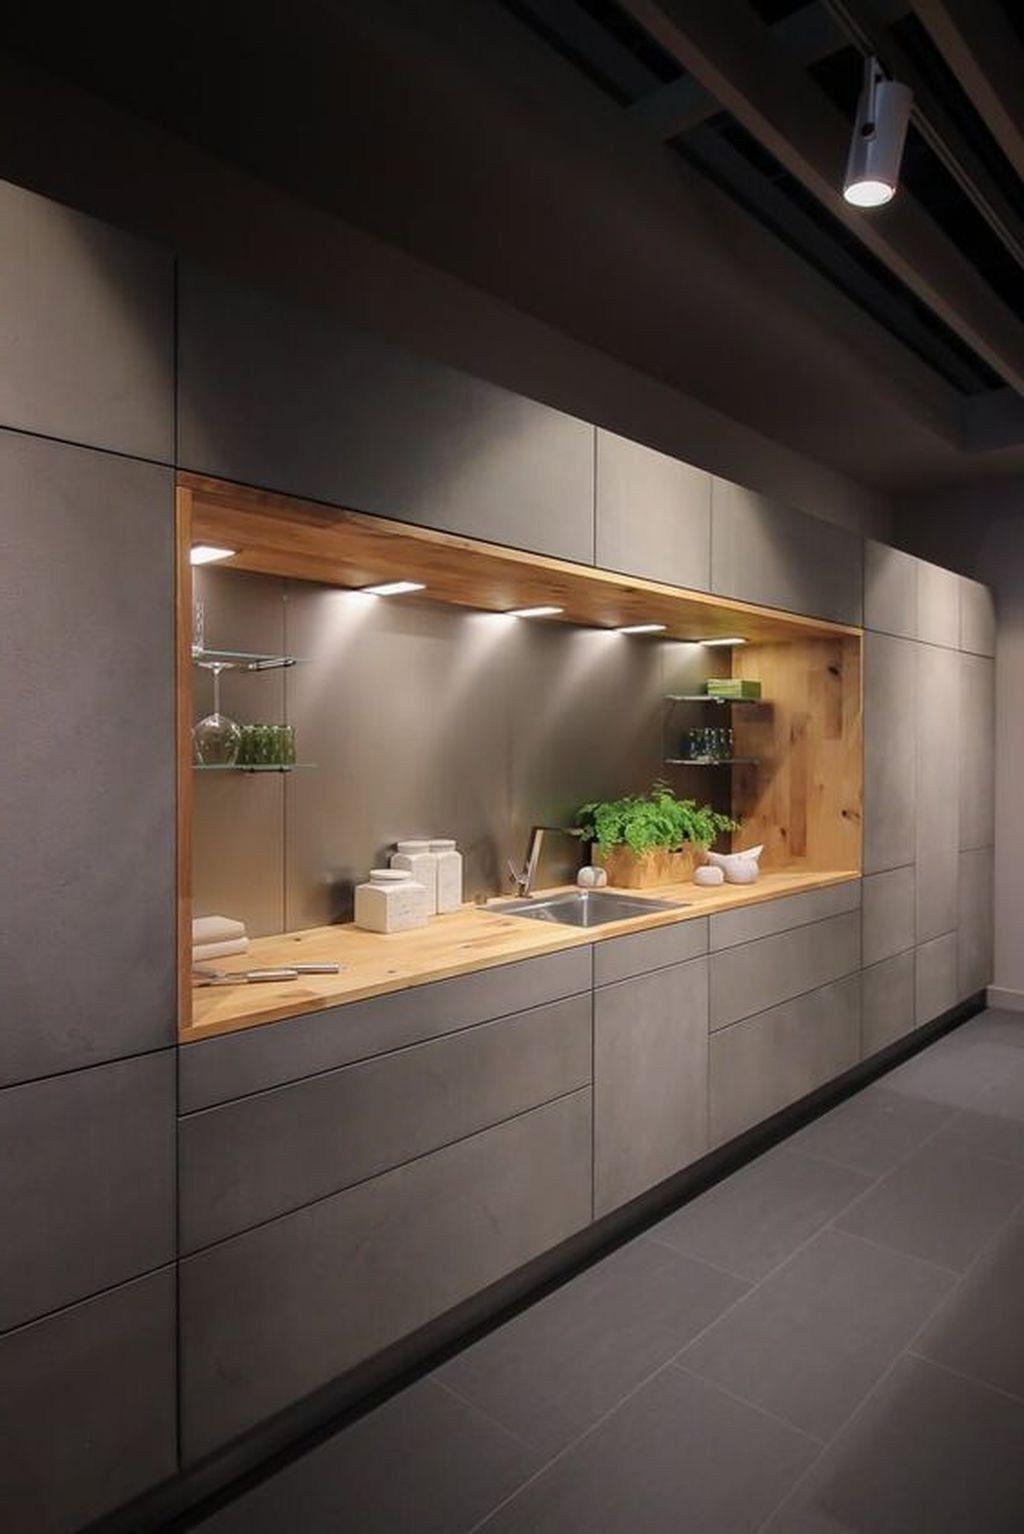 Idées De Design De Cuisine De Luxe Modernes Inspirantes Cuisine Moderne Cuisine Design Moderne Cuisines Design